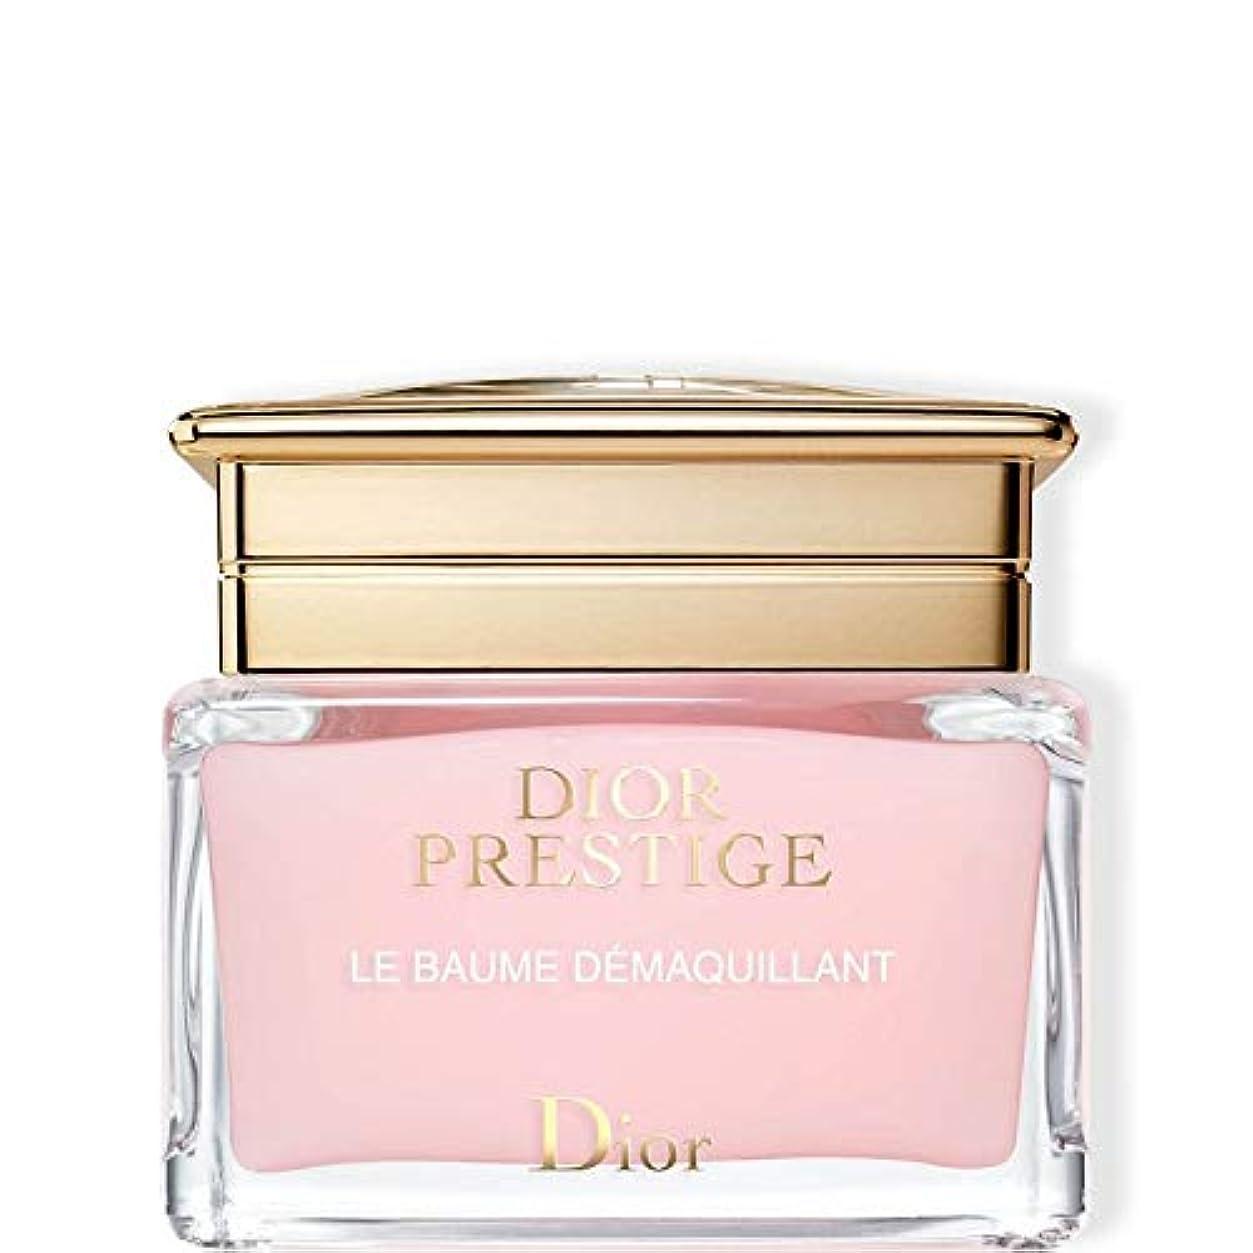 透けて見えるうるさい一定Dior(ディオール) プレステージ ル バーム デマキャント 150mL